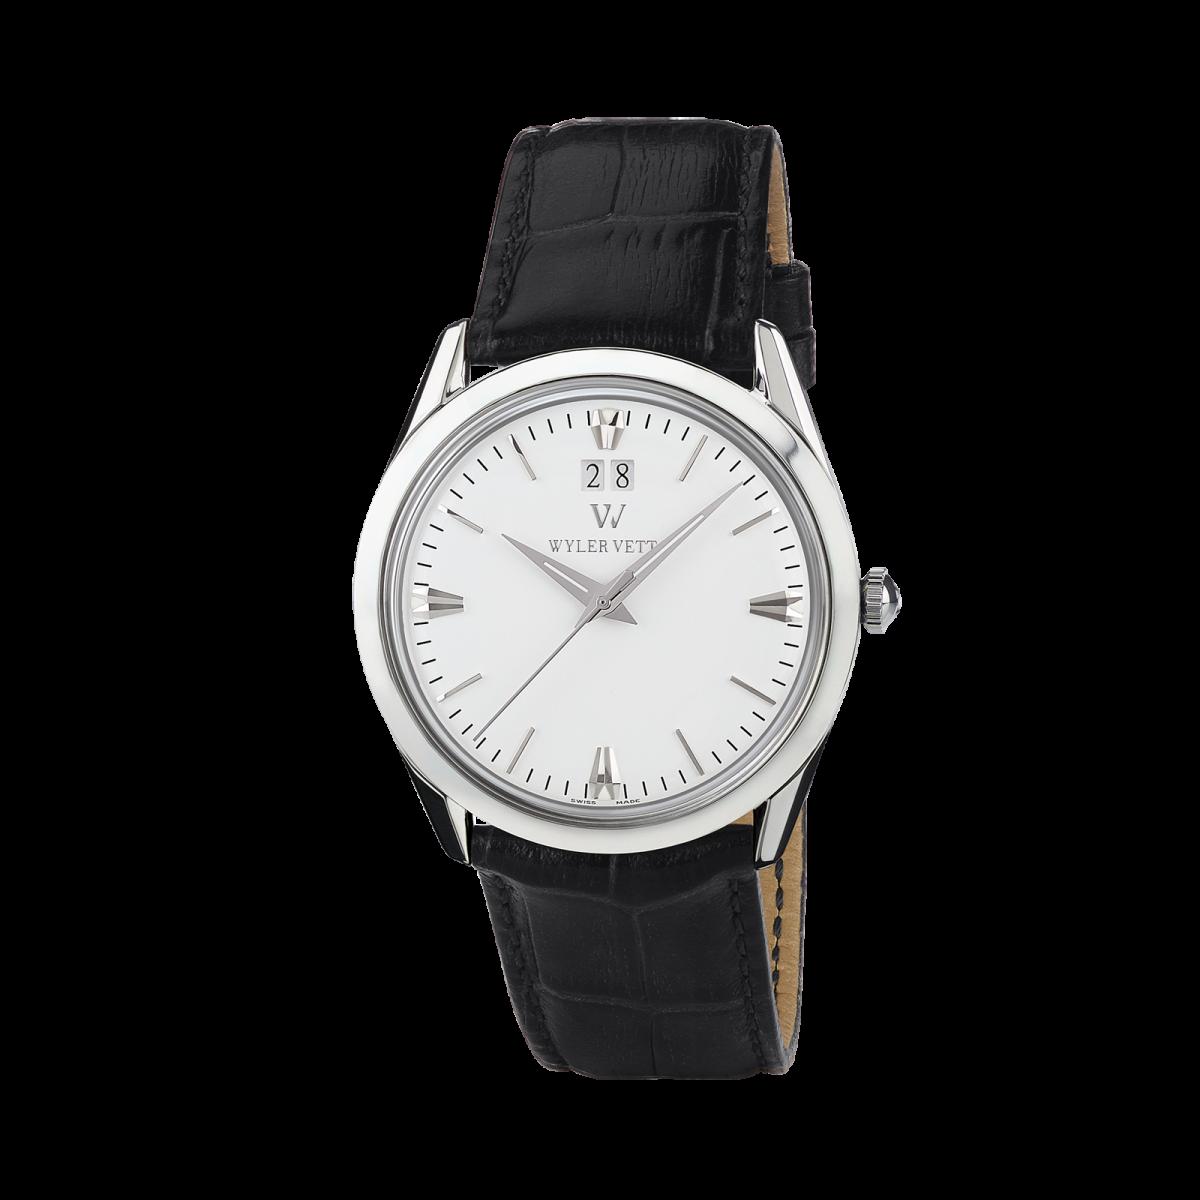 意大利WYLER VETTA传承系列男士手表石英表 白色表盘 黑色表带